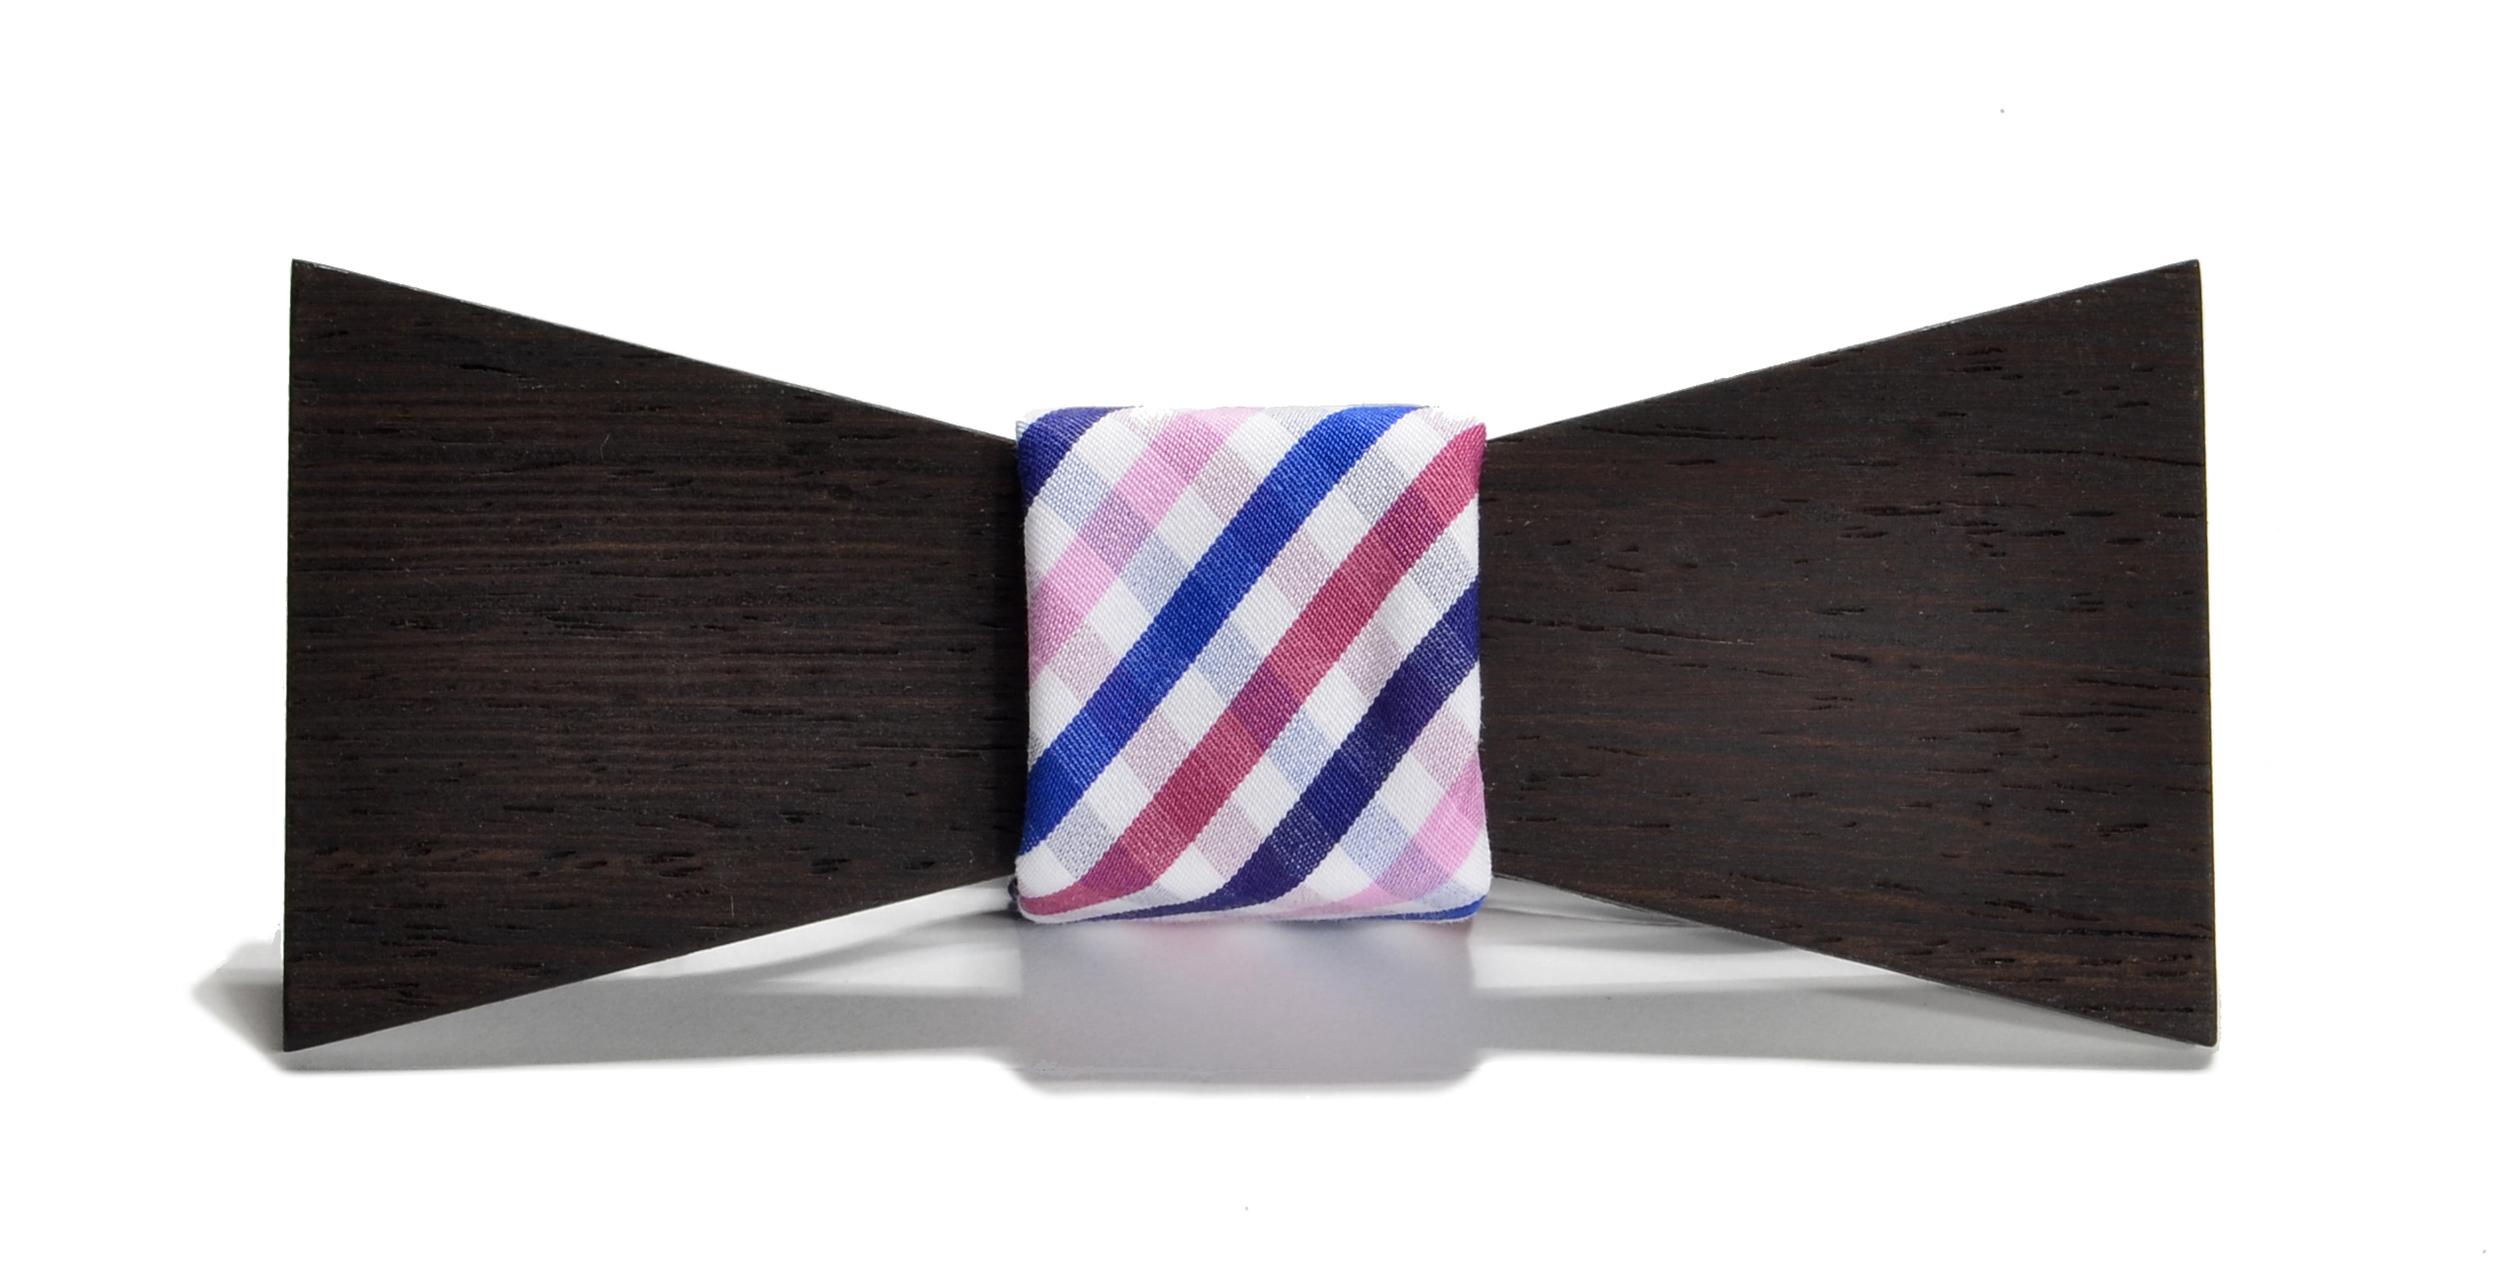 The Bordeaux Wenge Shorty Cotton Wooden Bow Tie